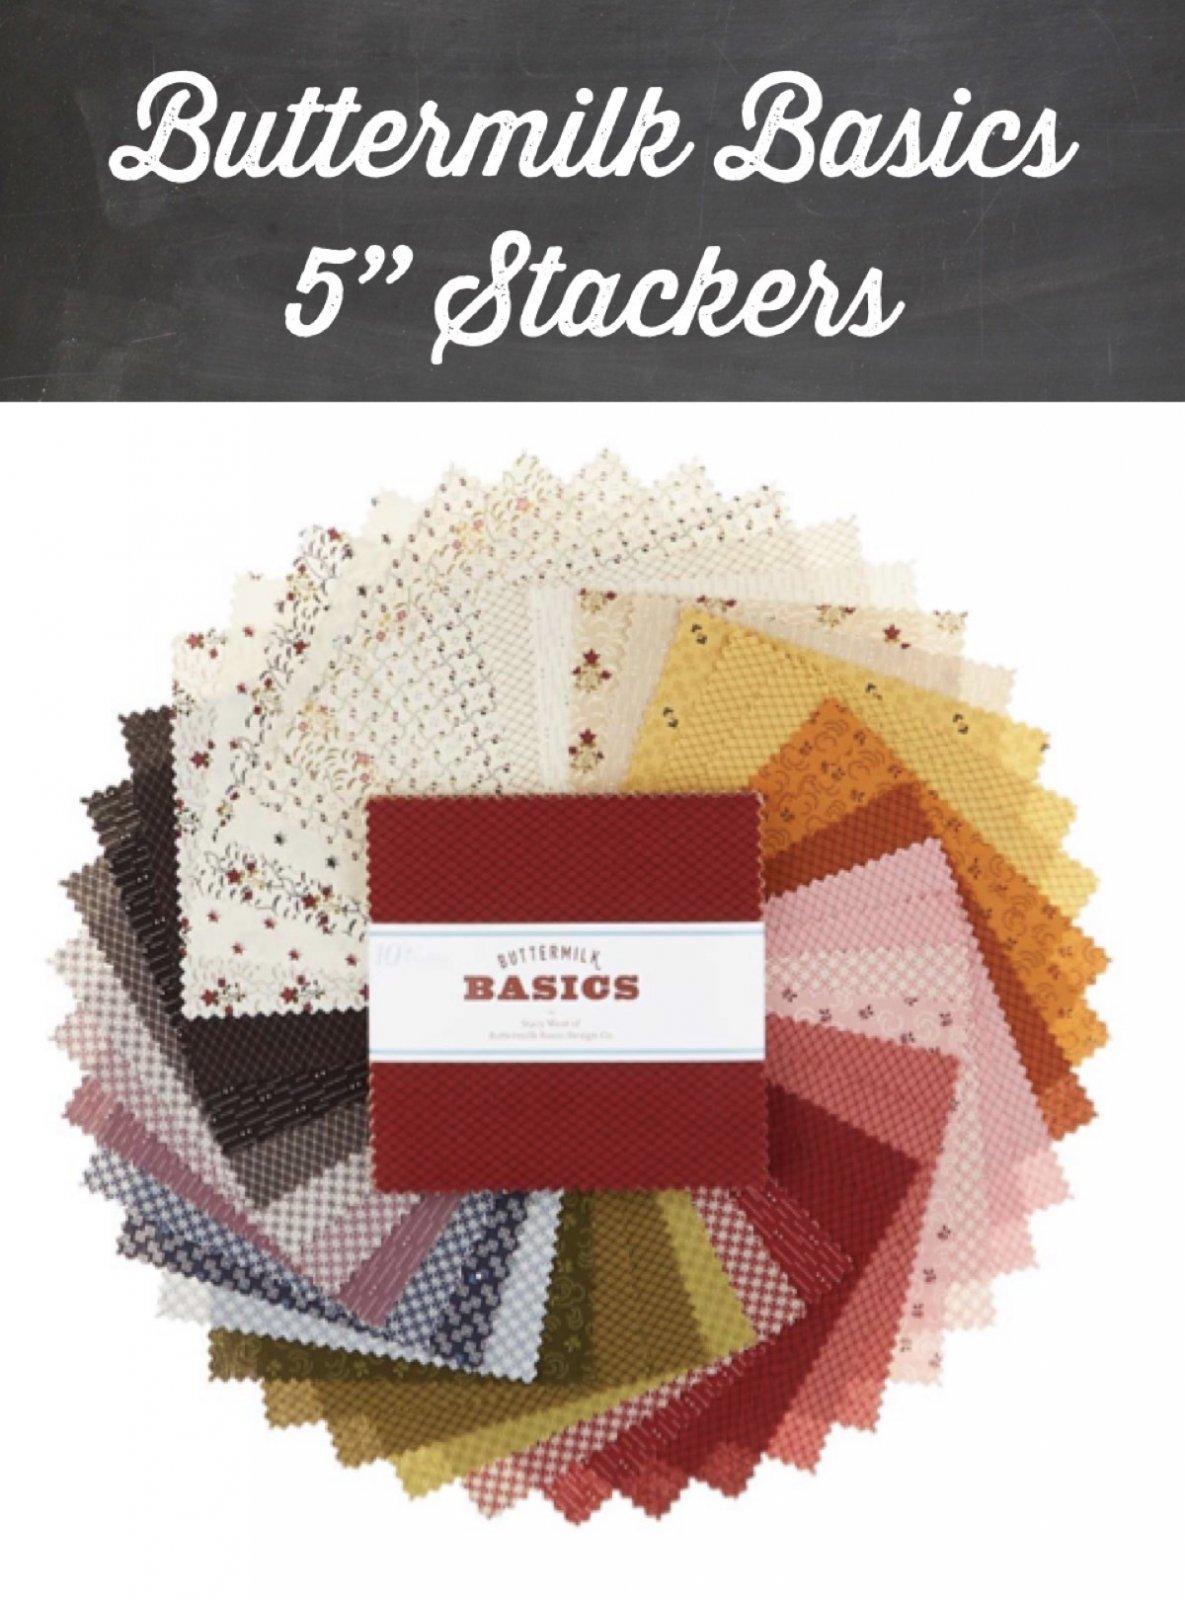 Buttermilk Basics 5 Stacker